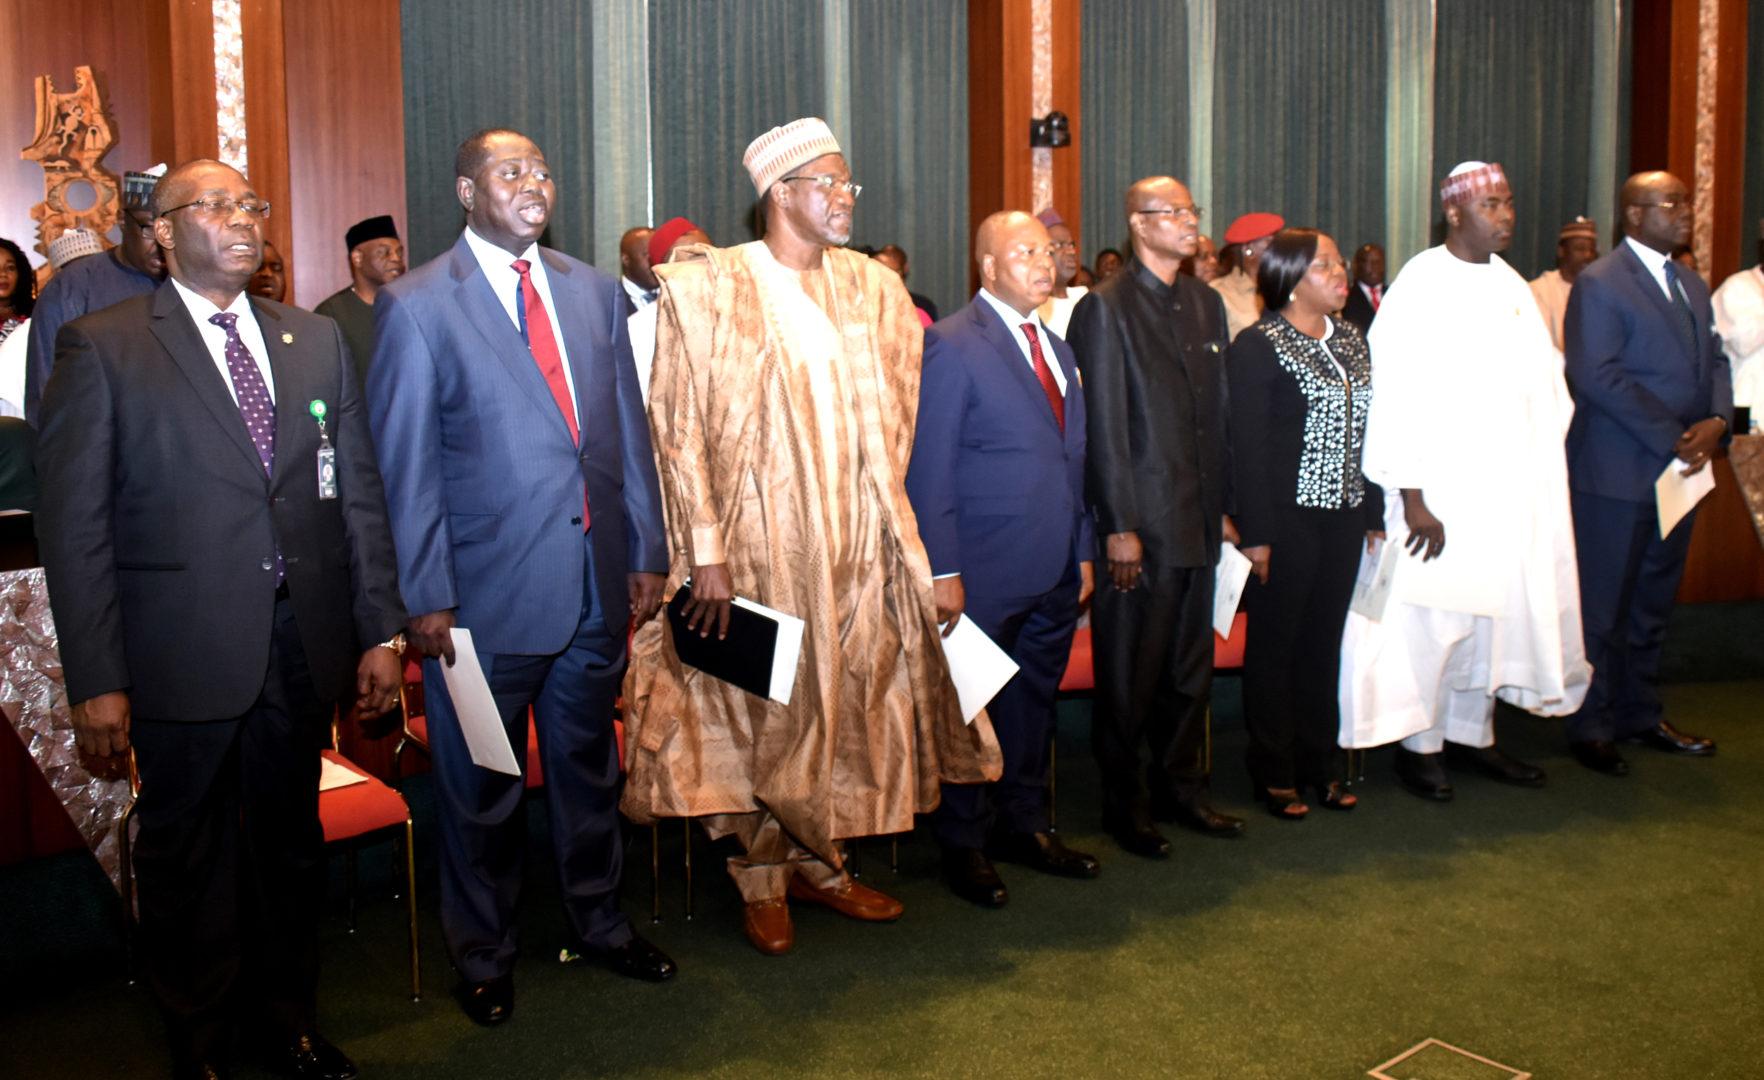 Umrah Banner: JUST IN: Buhari Swears In 8 New Permanent Secretaries